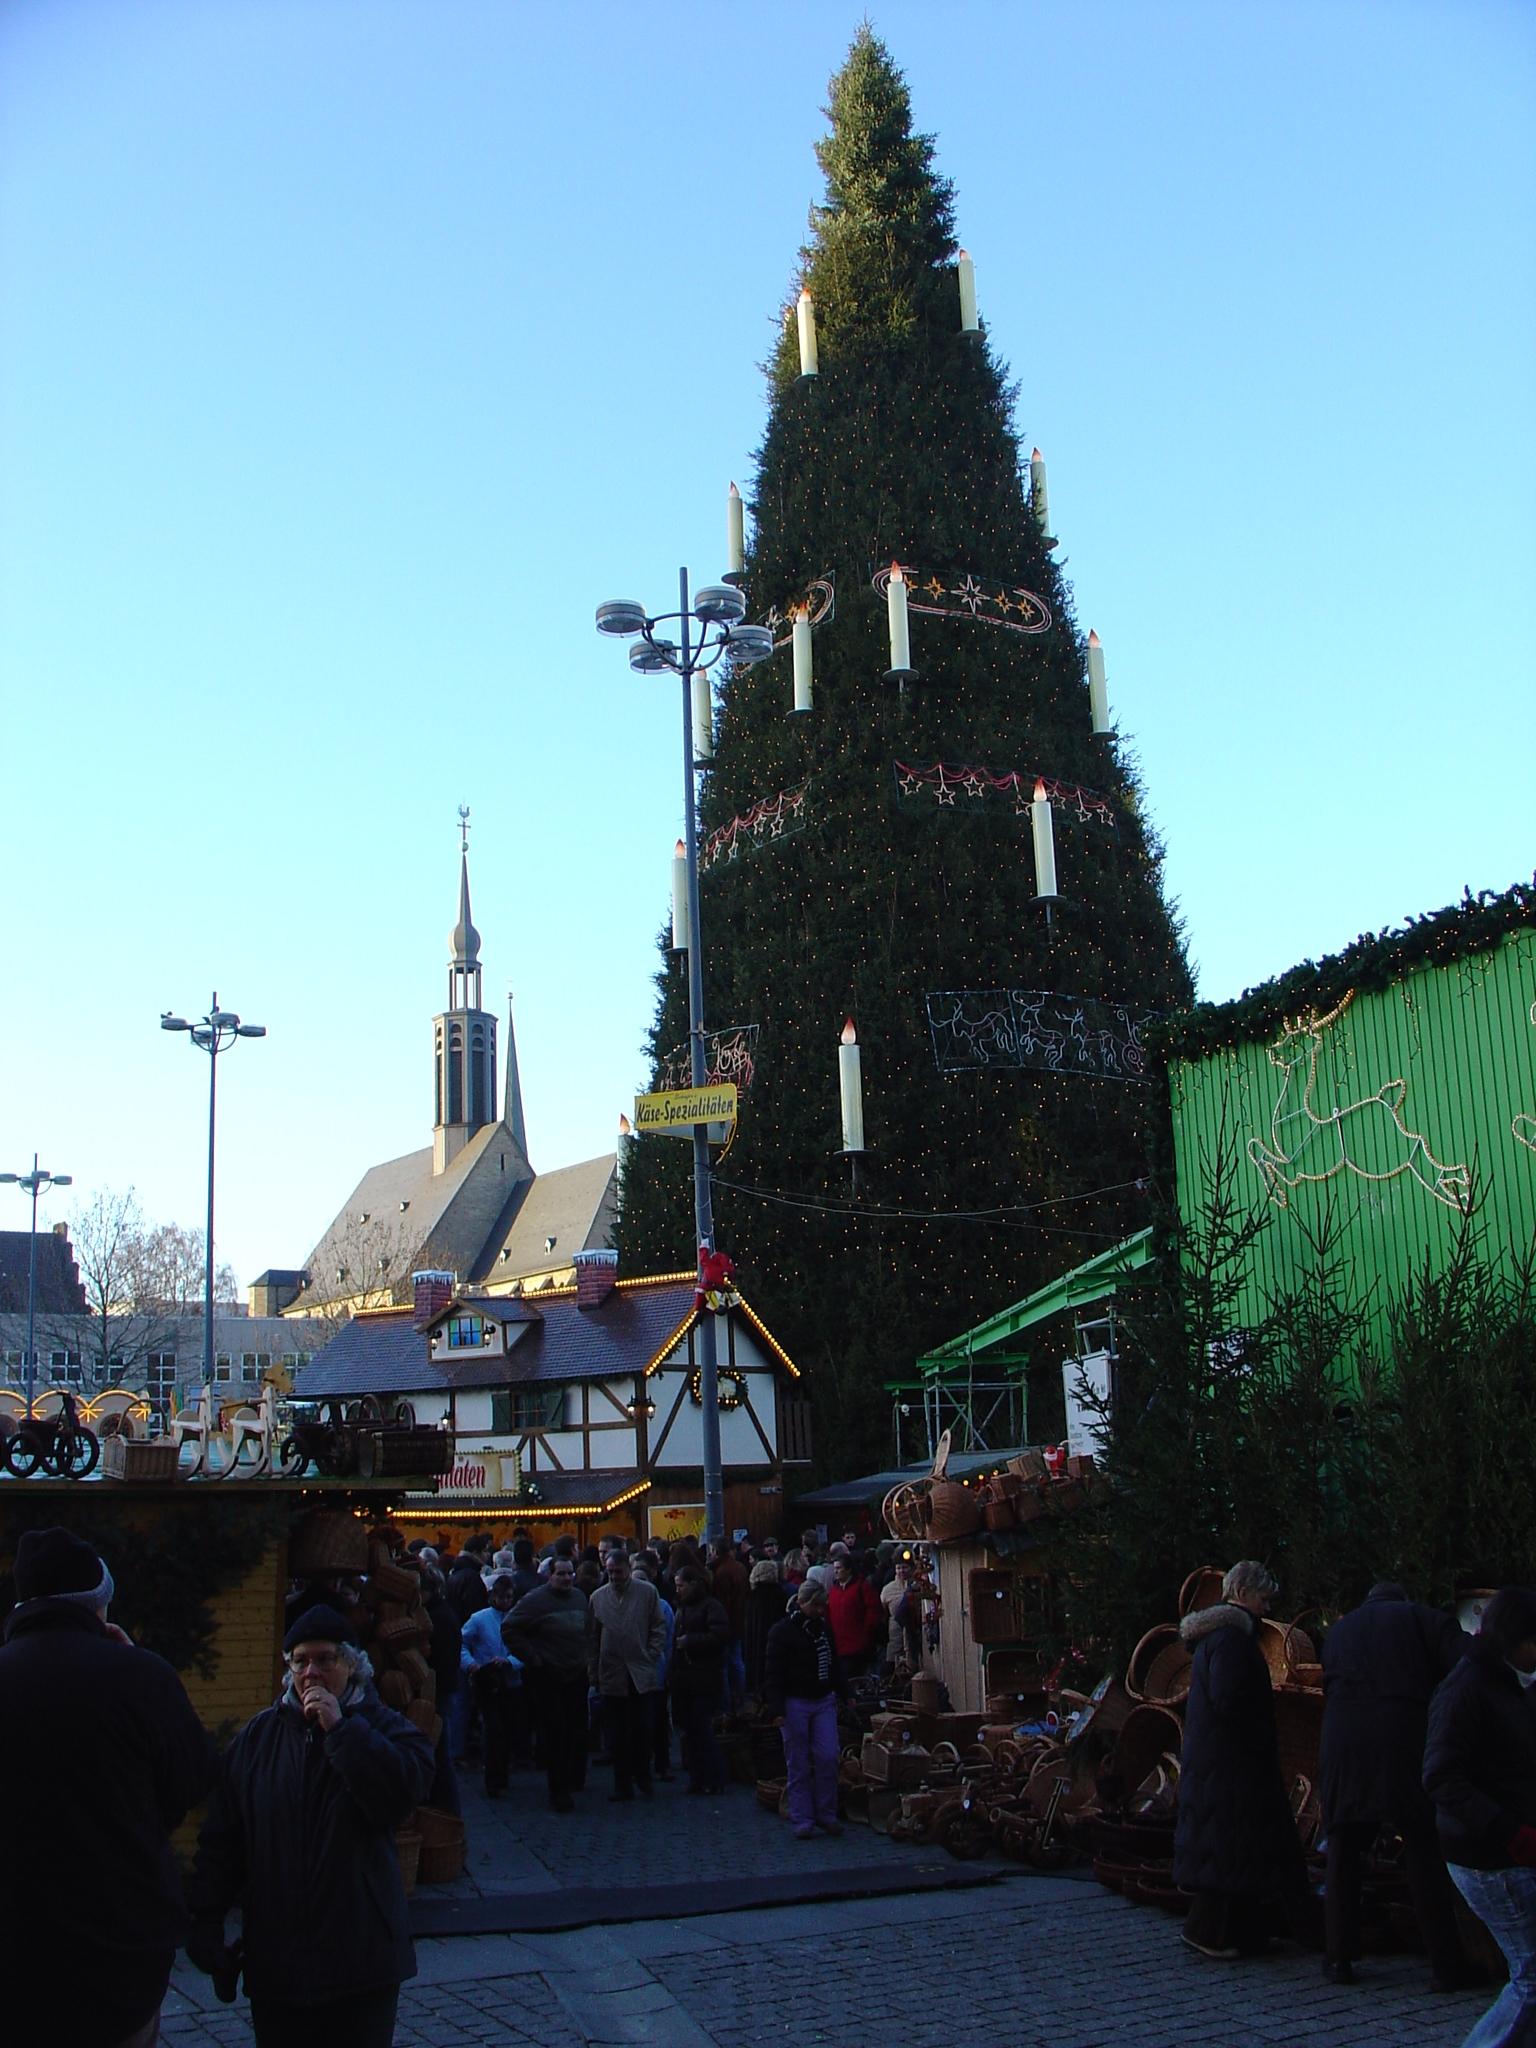 Dortmund Weihnachtsbaum.Datei Weihnachtsbaum Dortmund Jpg Wikipedia